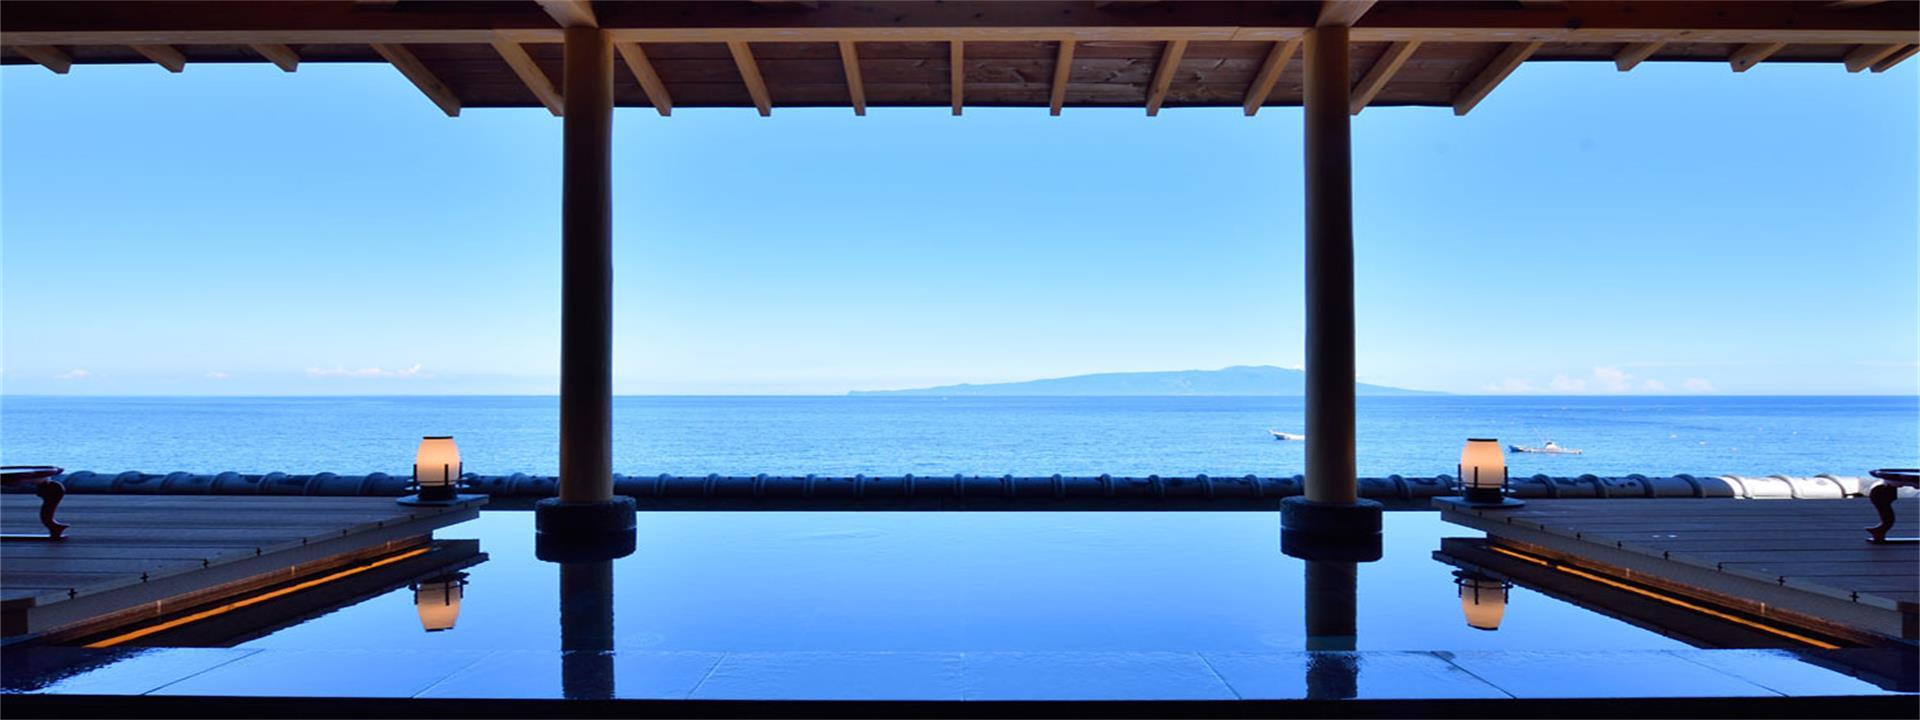 伊东豆温泉 望水日式海景房,极佳的海景视角